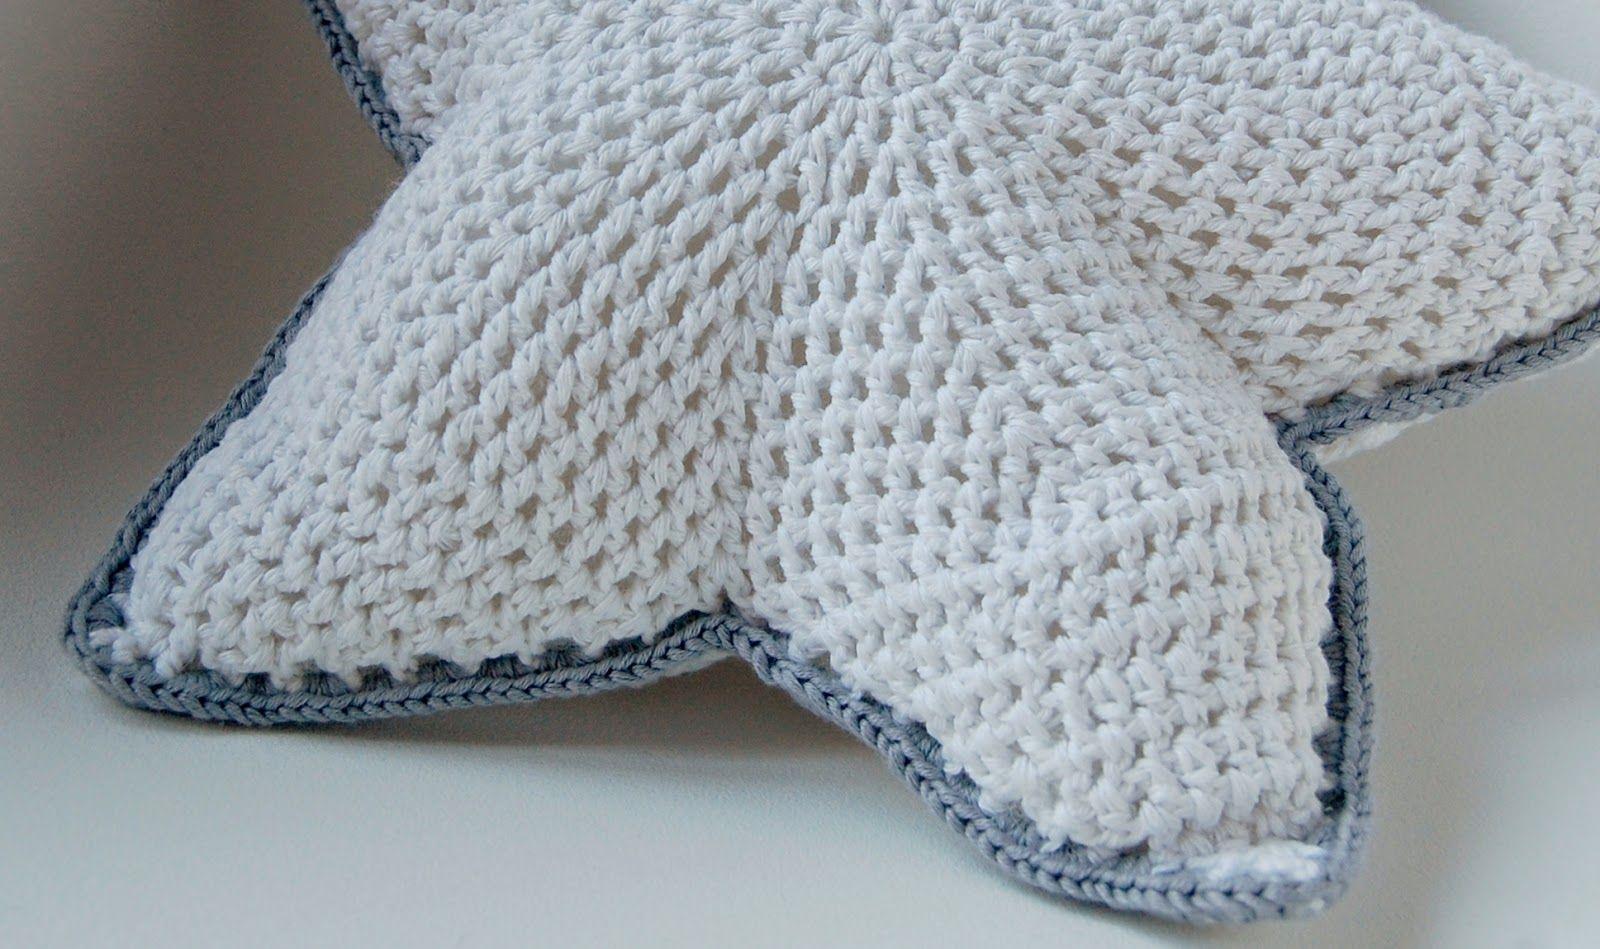 ladymaryan: mil gracias: patrón cojín estrella | almohadones crochet ...